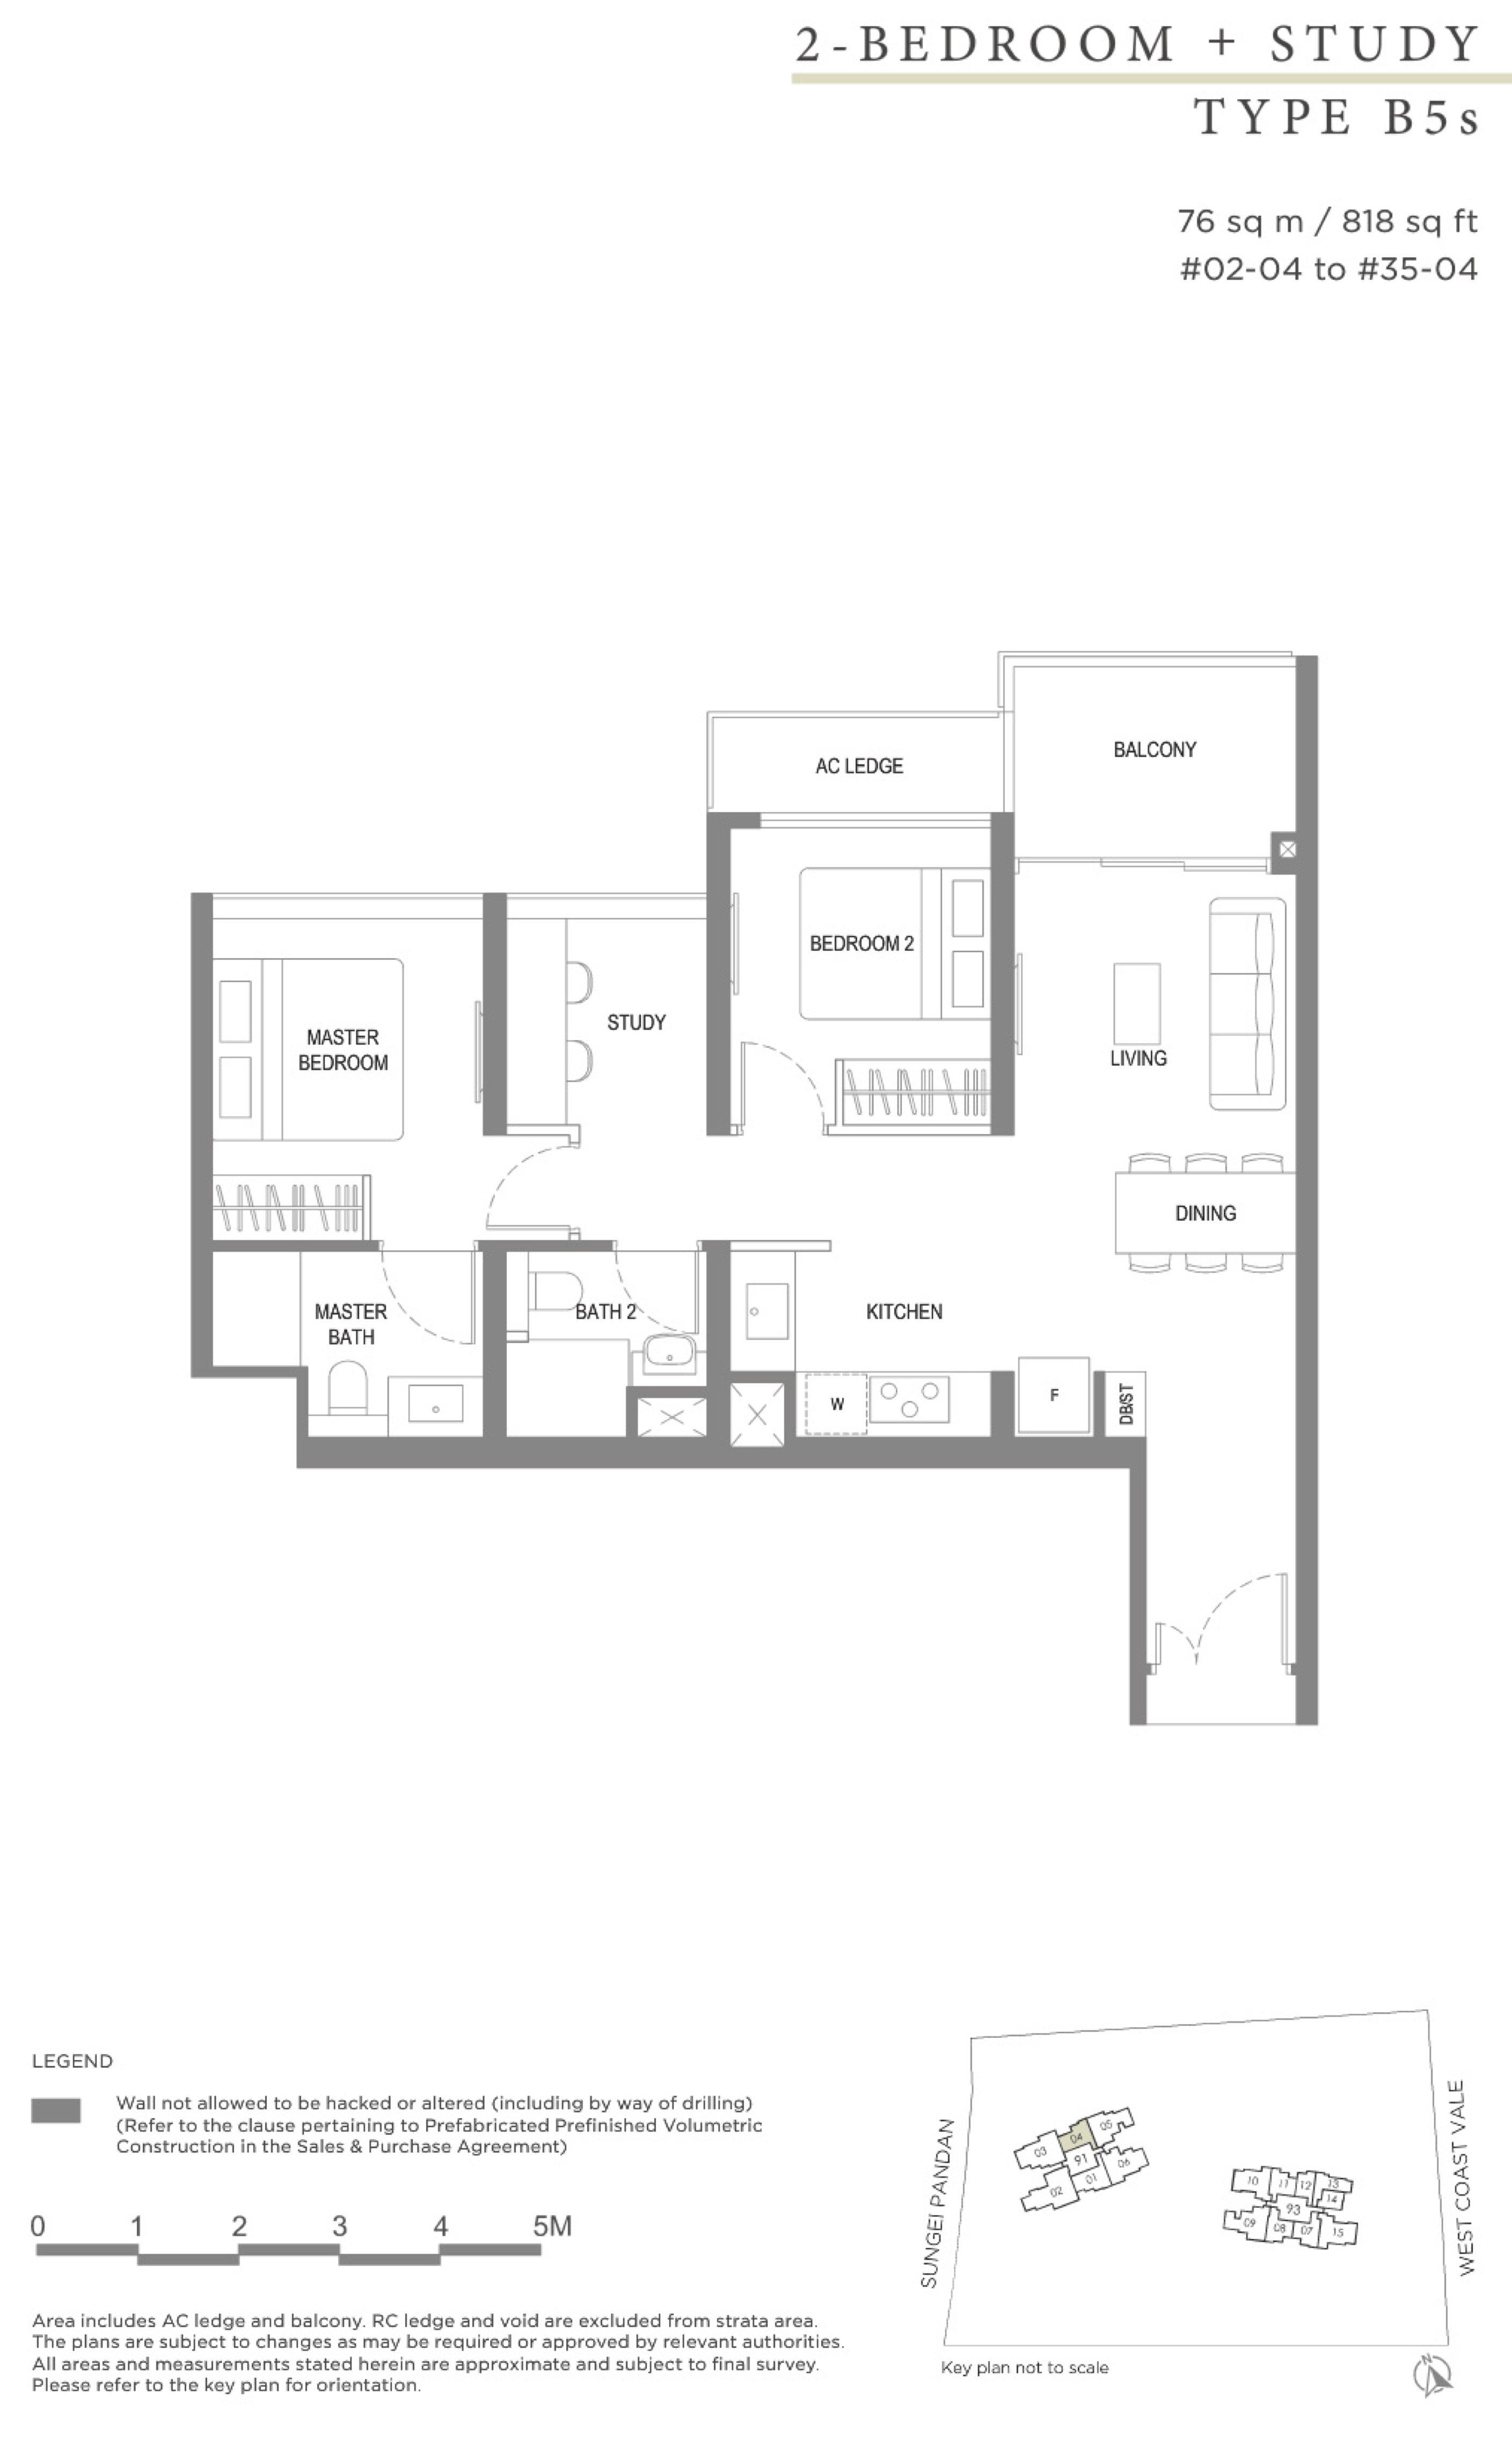 Twin VEW 2 bedroom study B5s floor plan